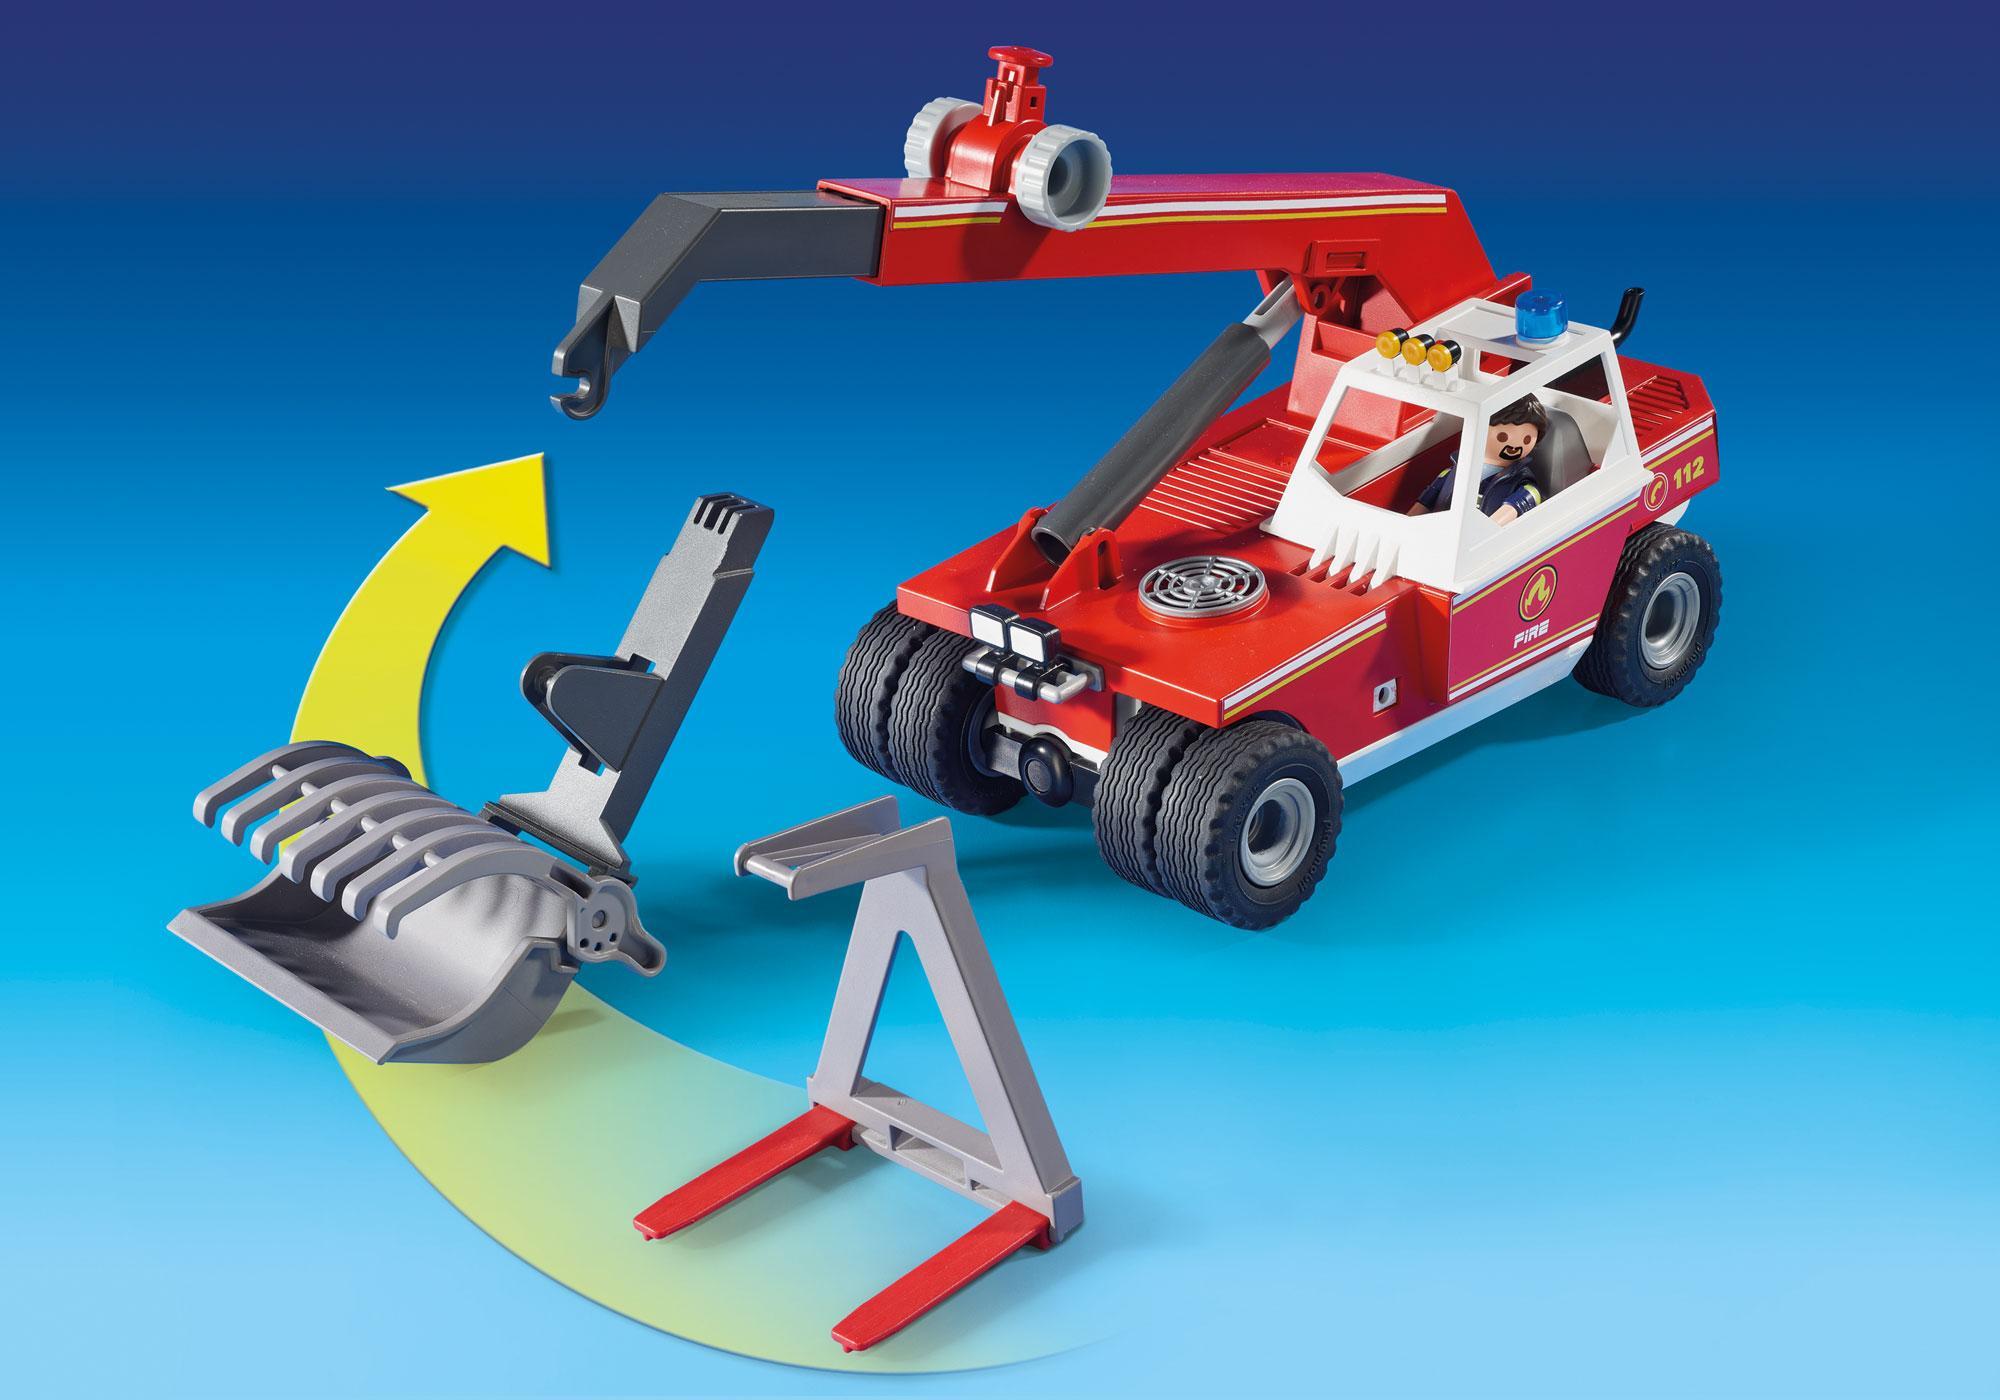 http://media.playmobil.com/i/playmobil/9465_product_extra1/Elevador